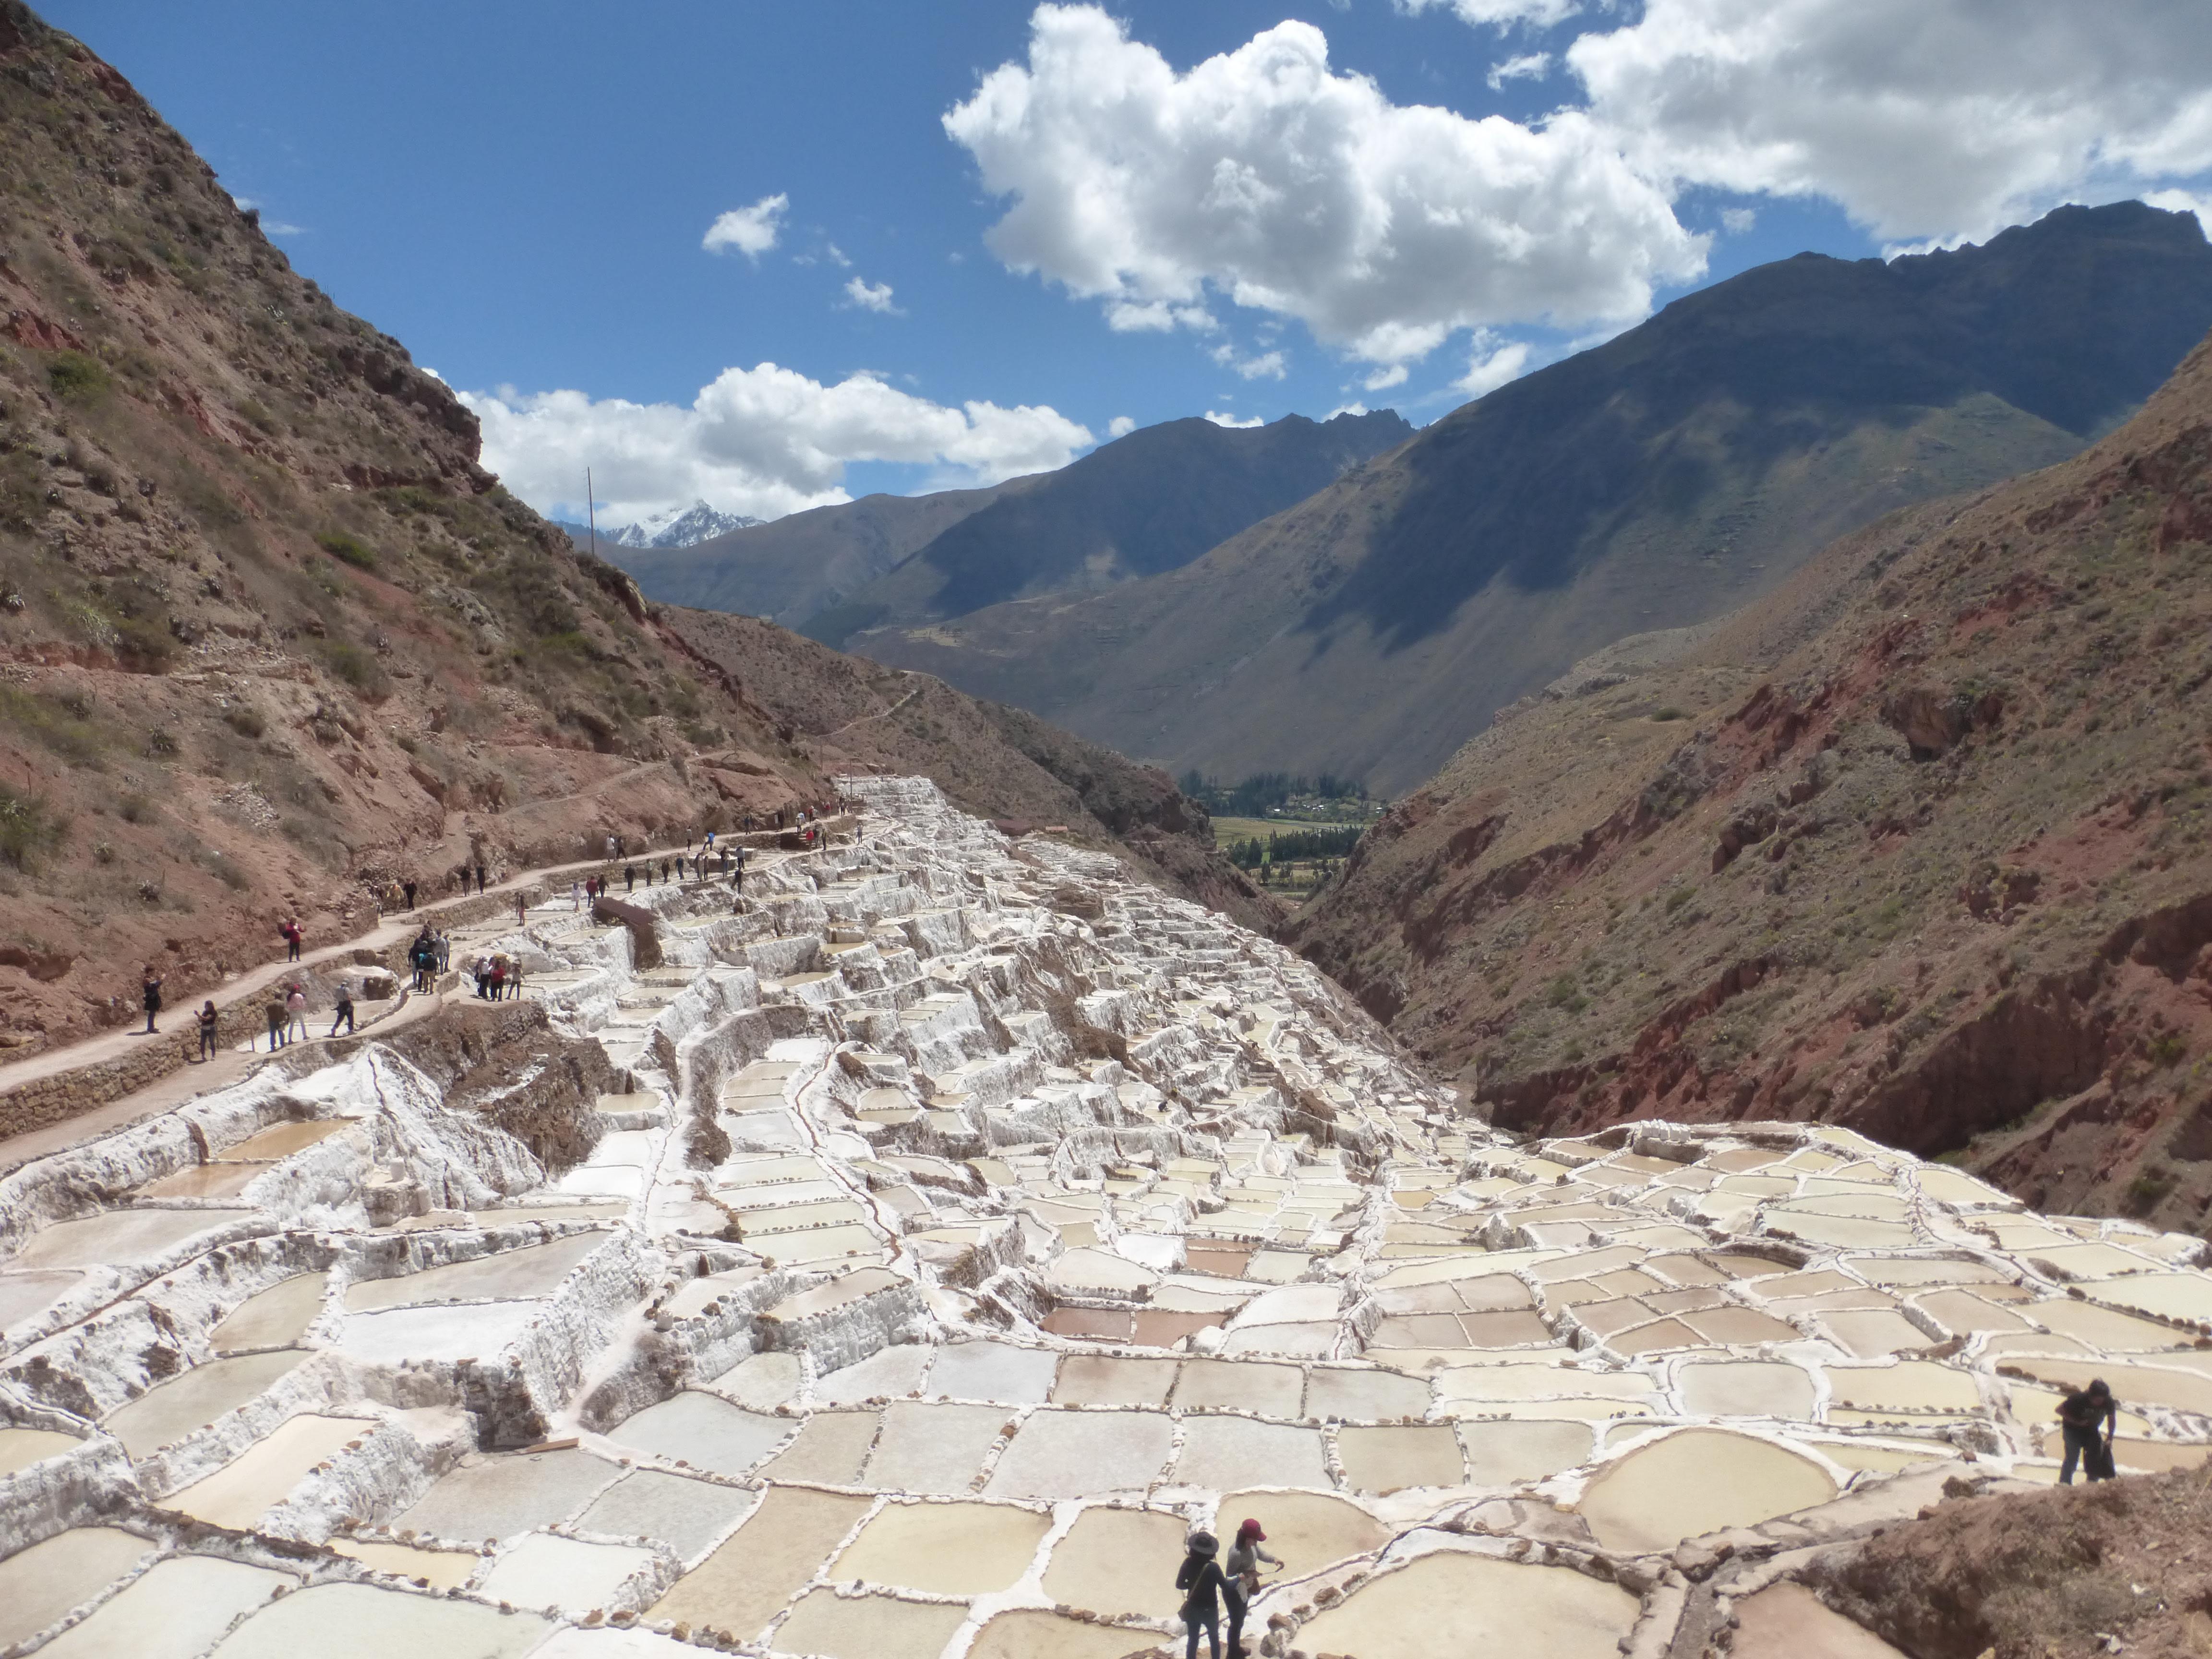 Visit the Salt pans of Maras